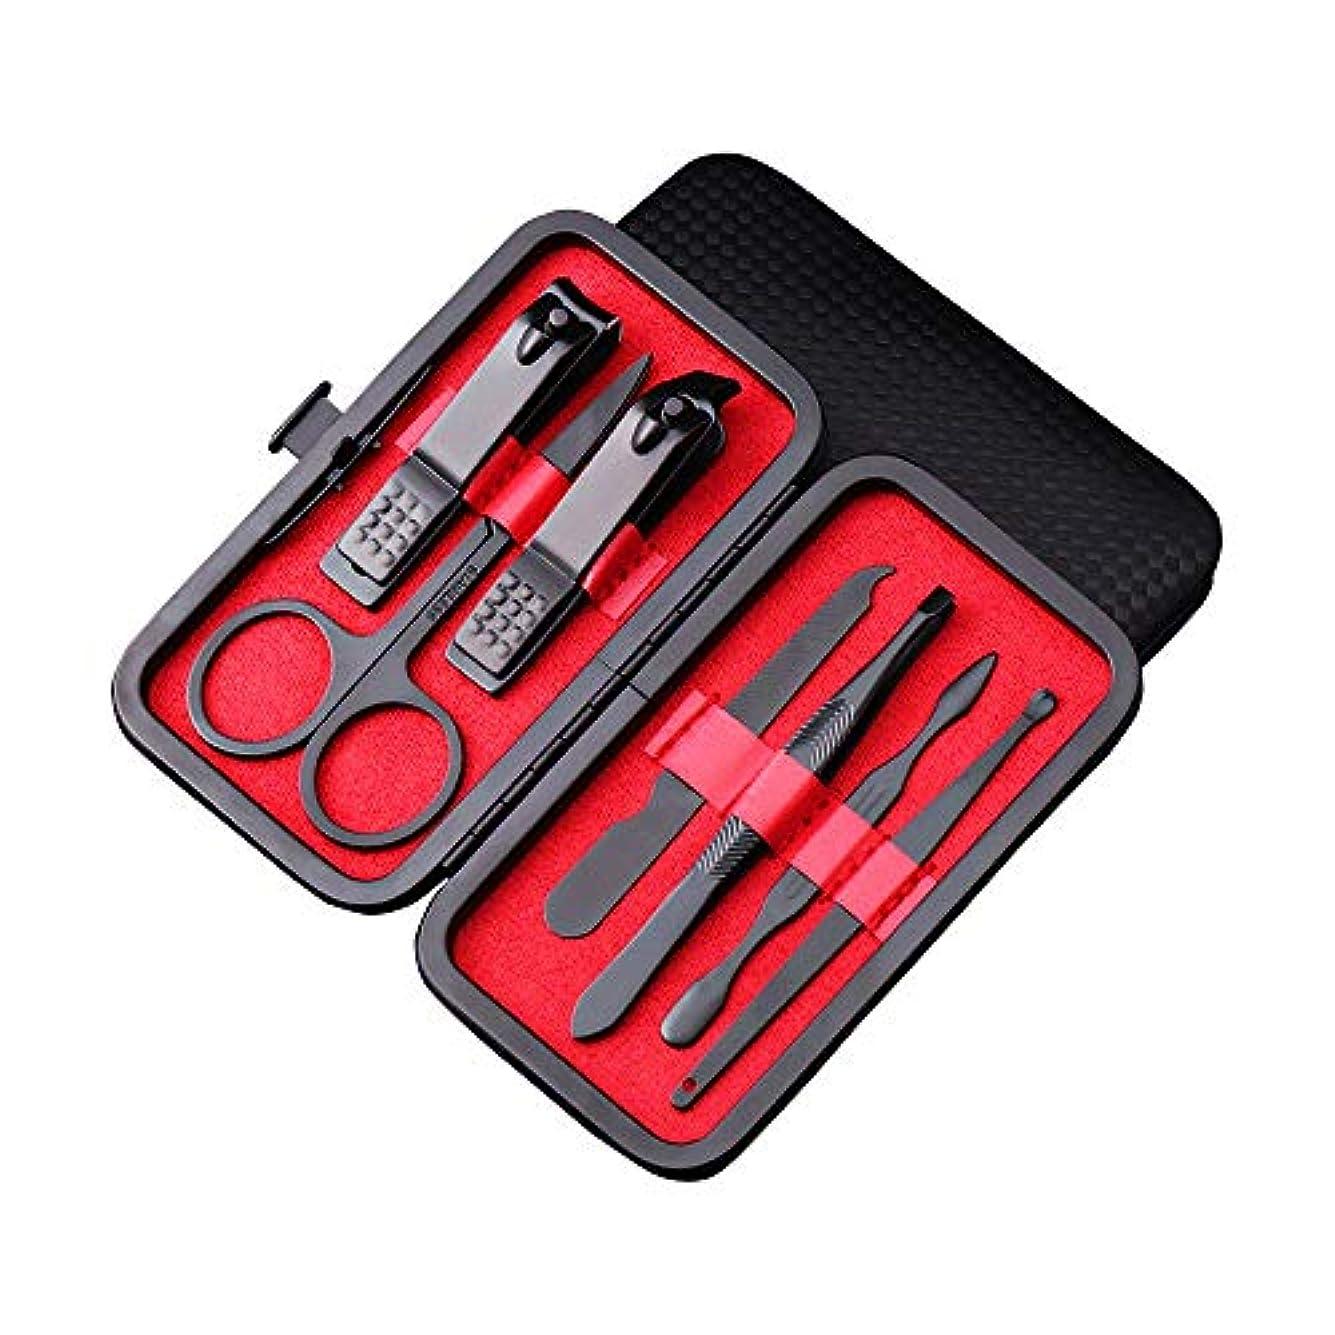 依存ルート動機付けるマニキュアネイルクリッパーセット-ブラックポータブル旅行衛生キットステンレススチールネイルカッターツールセット、レザートラベルケース付き、7個セット